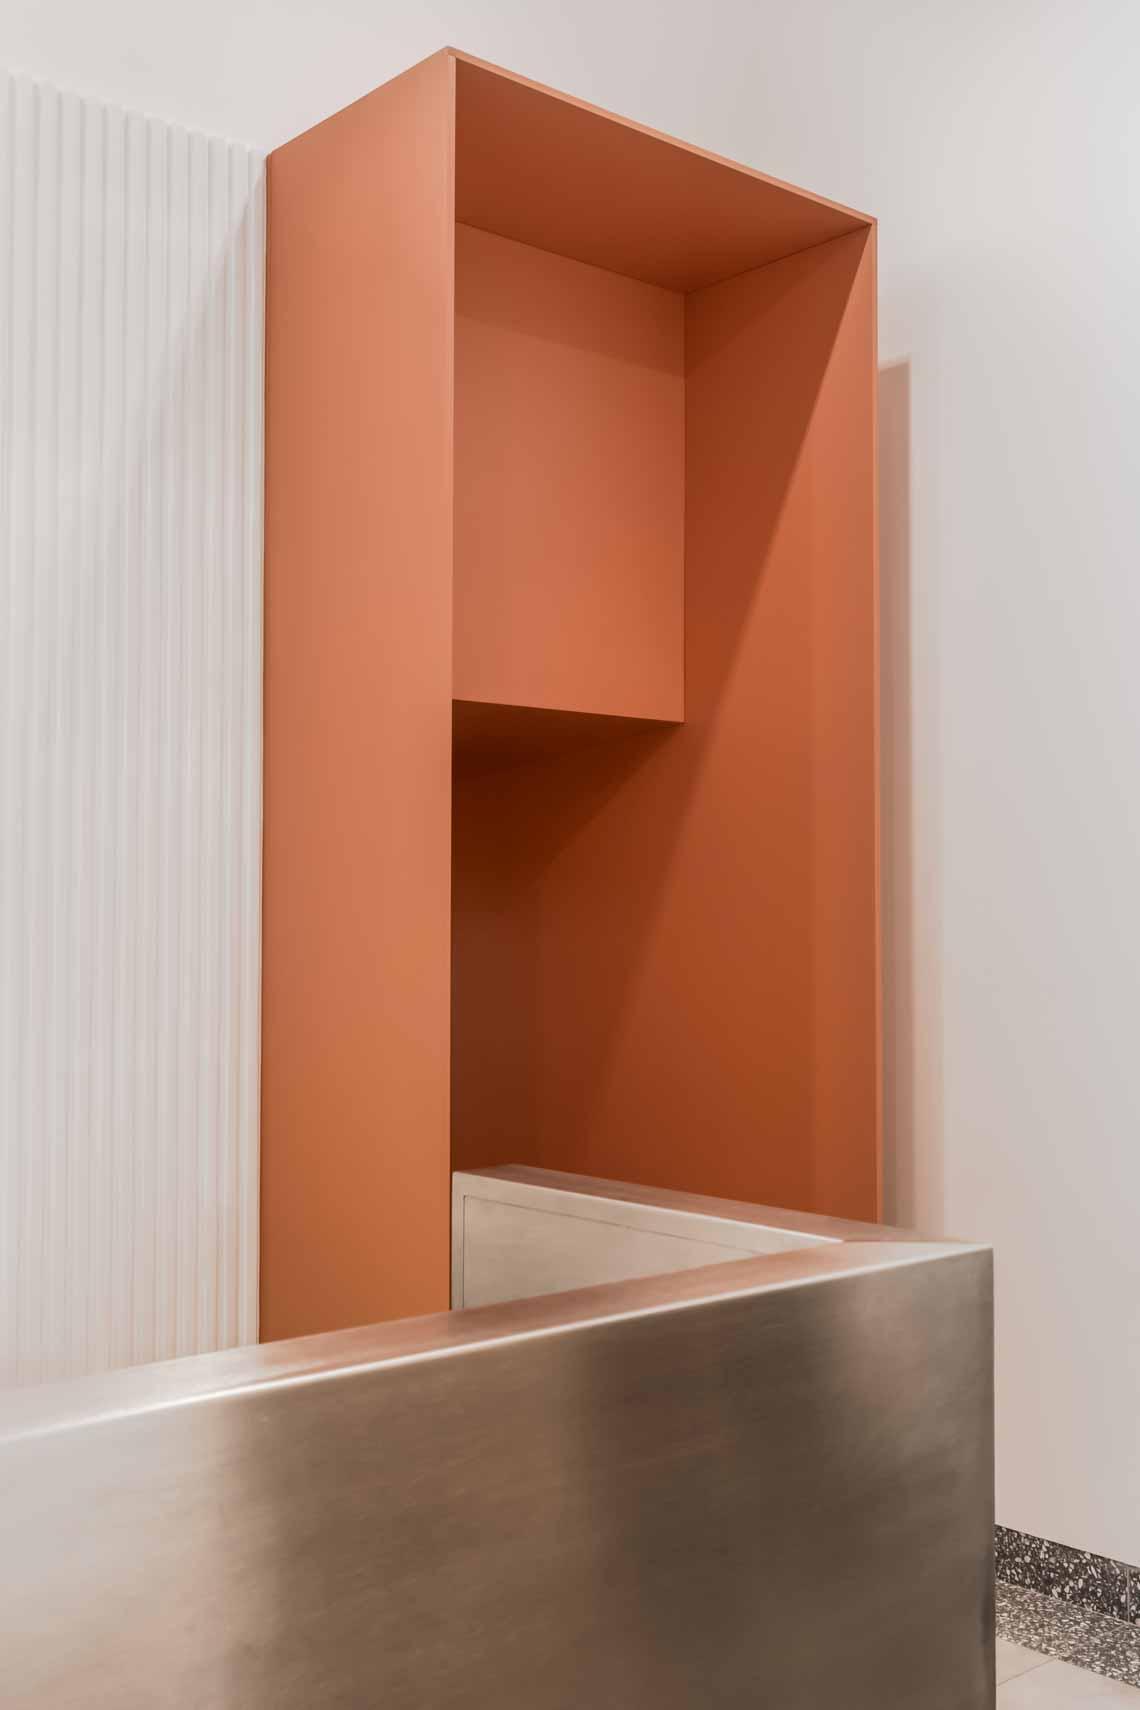 Dự án FG OFF – Một văn phòng không gian hình học màu cam -5